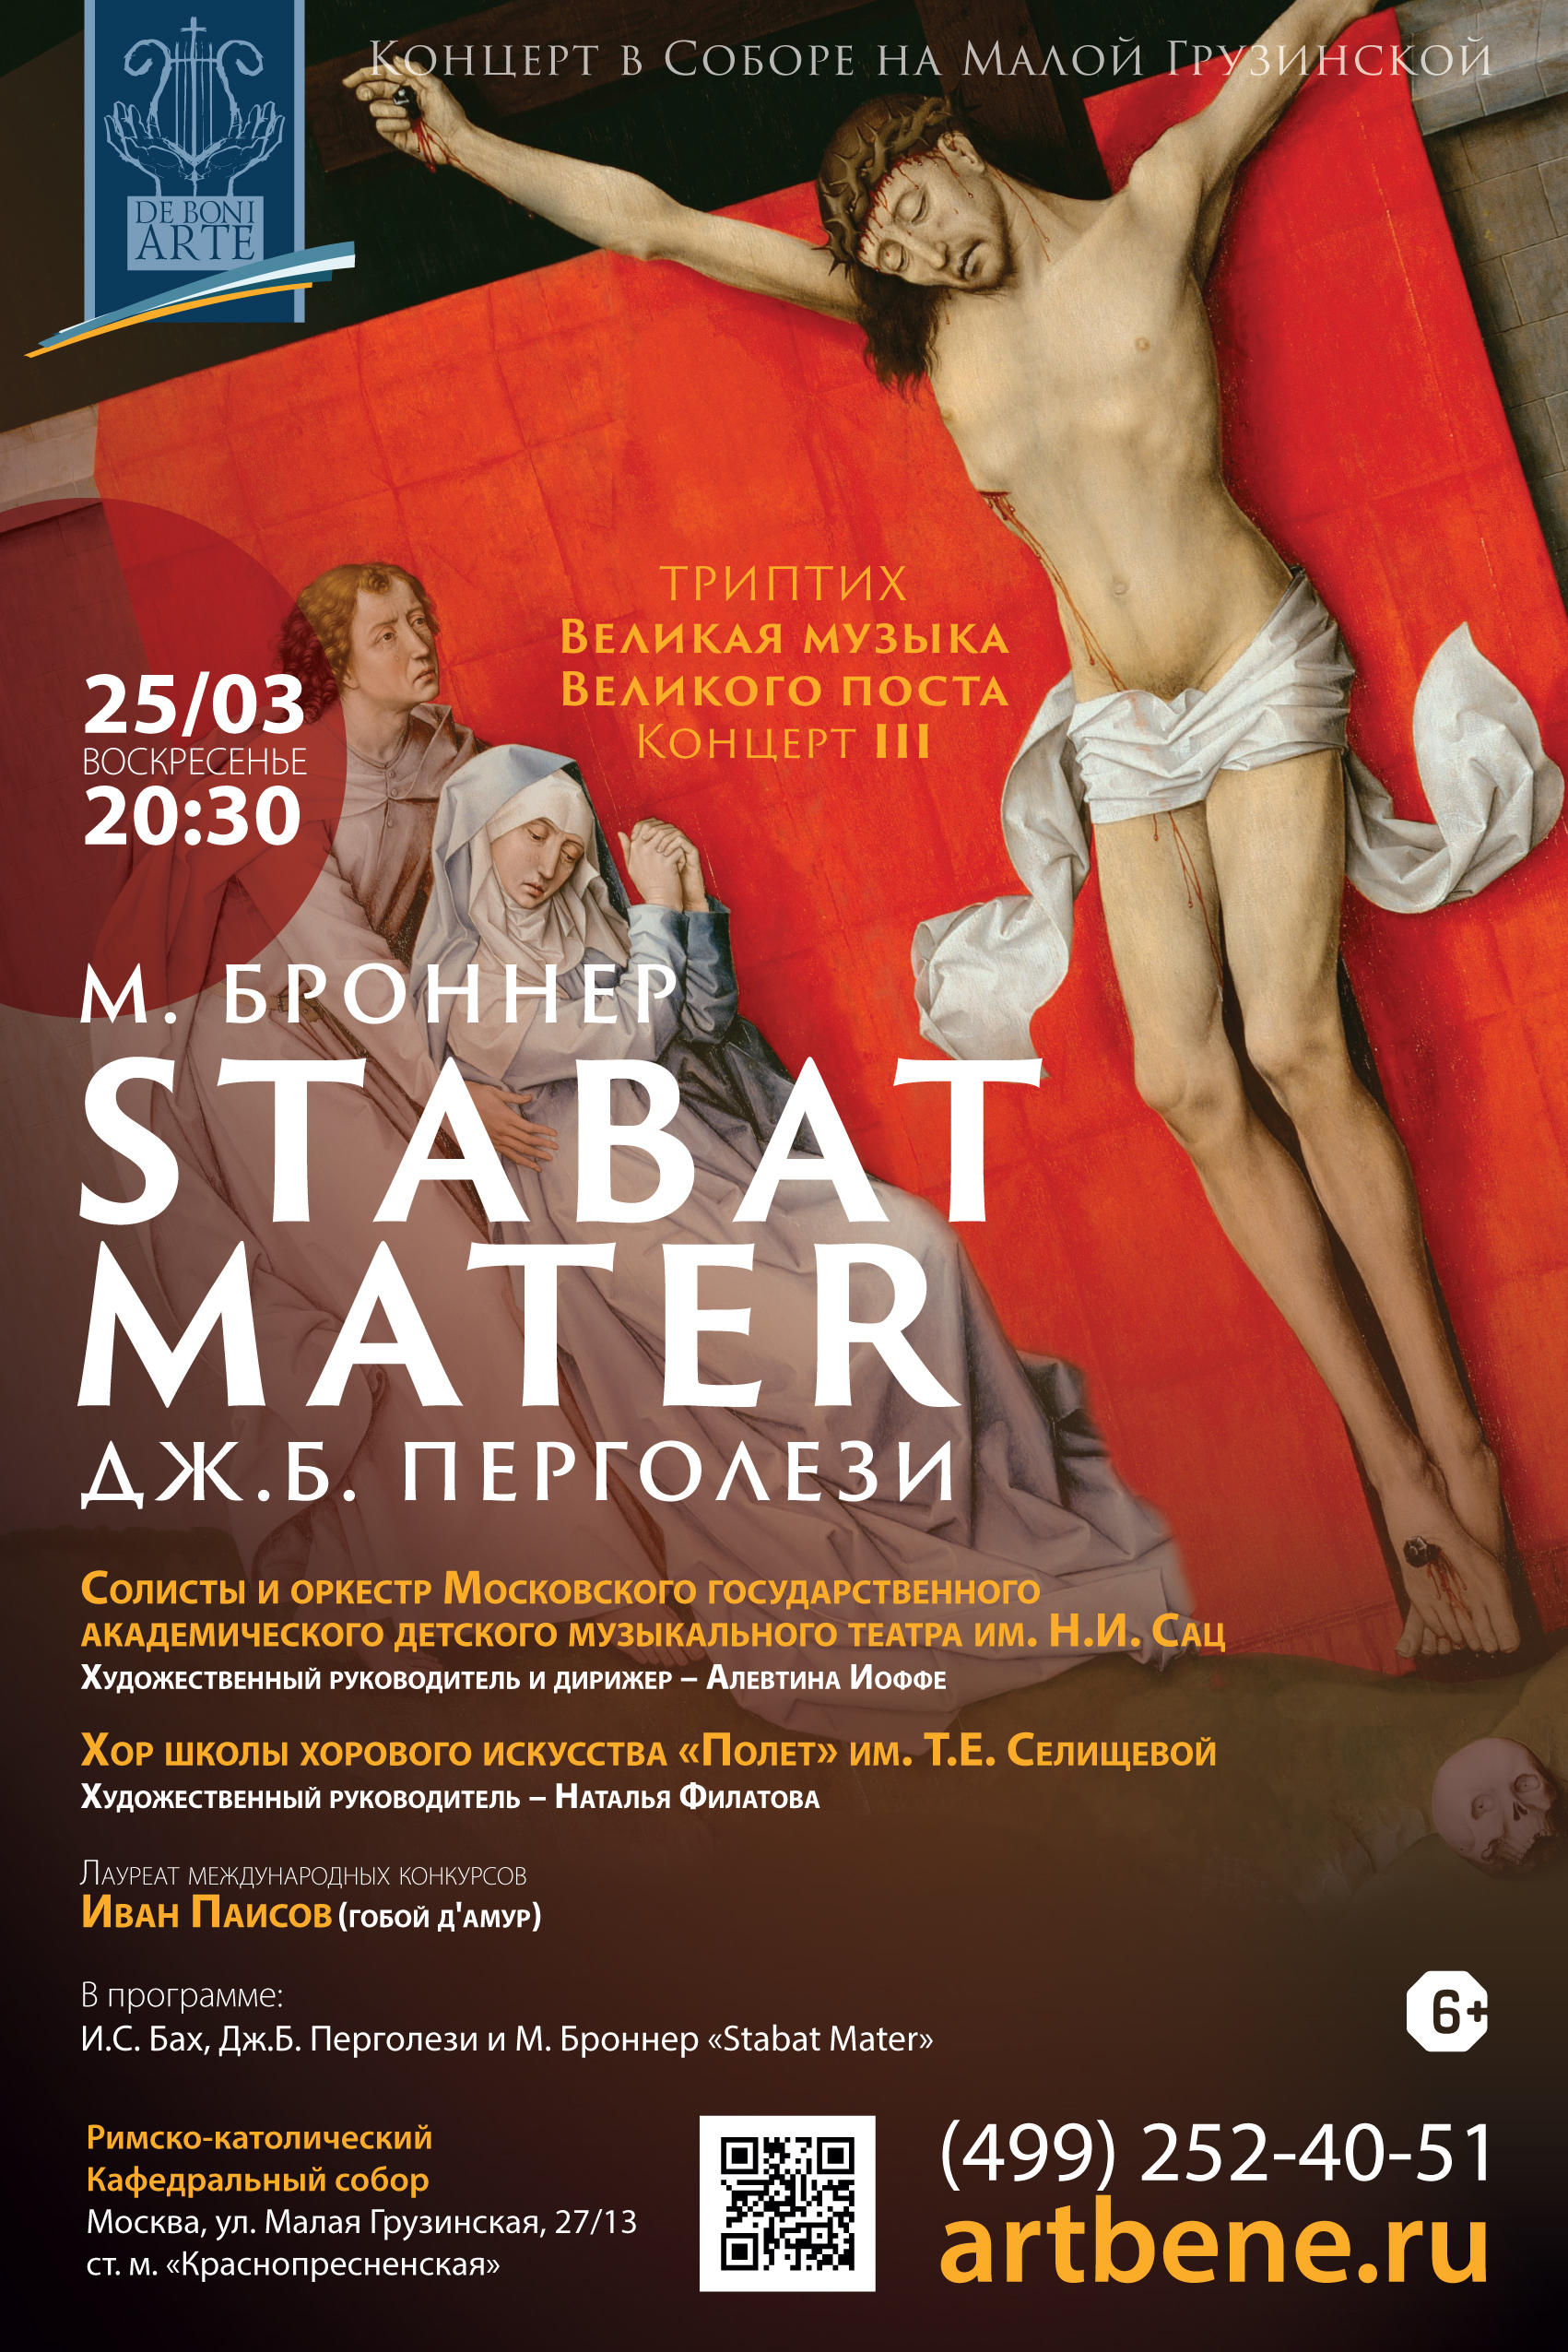 Концерт «Stabat Mater. Дж.-Б. Перголези, М. Броннер и И.-С. Бах» – события на сайте «Московские Сезоны»